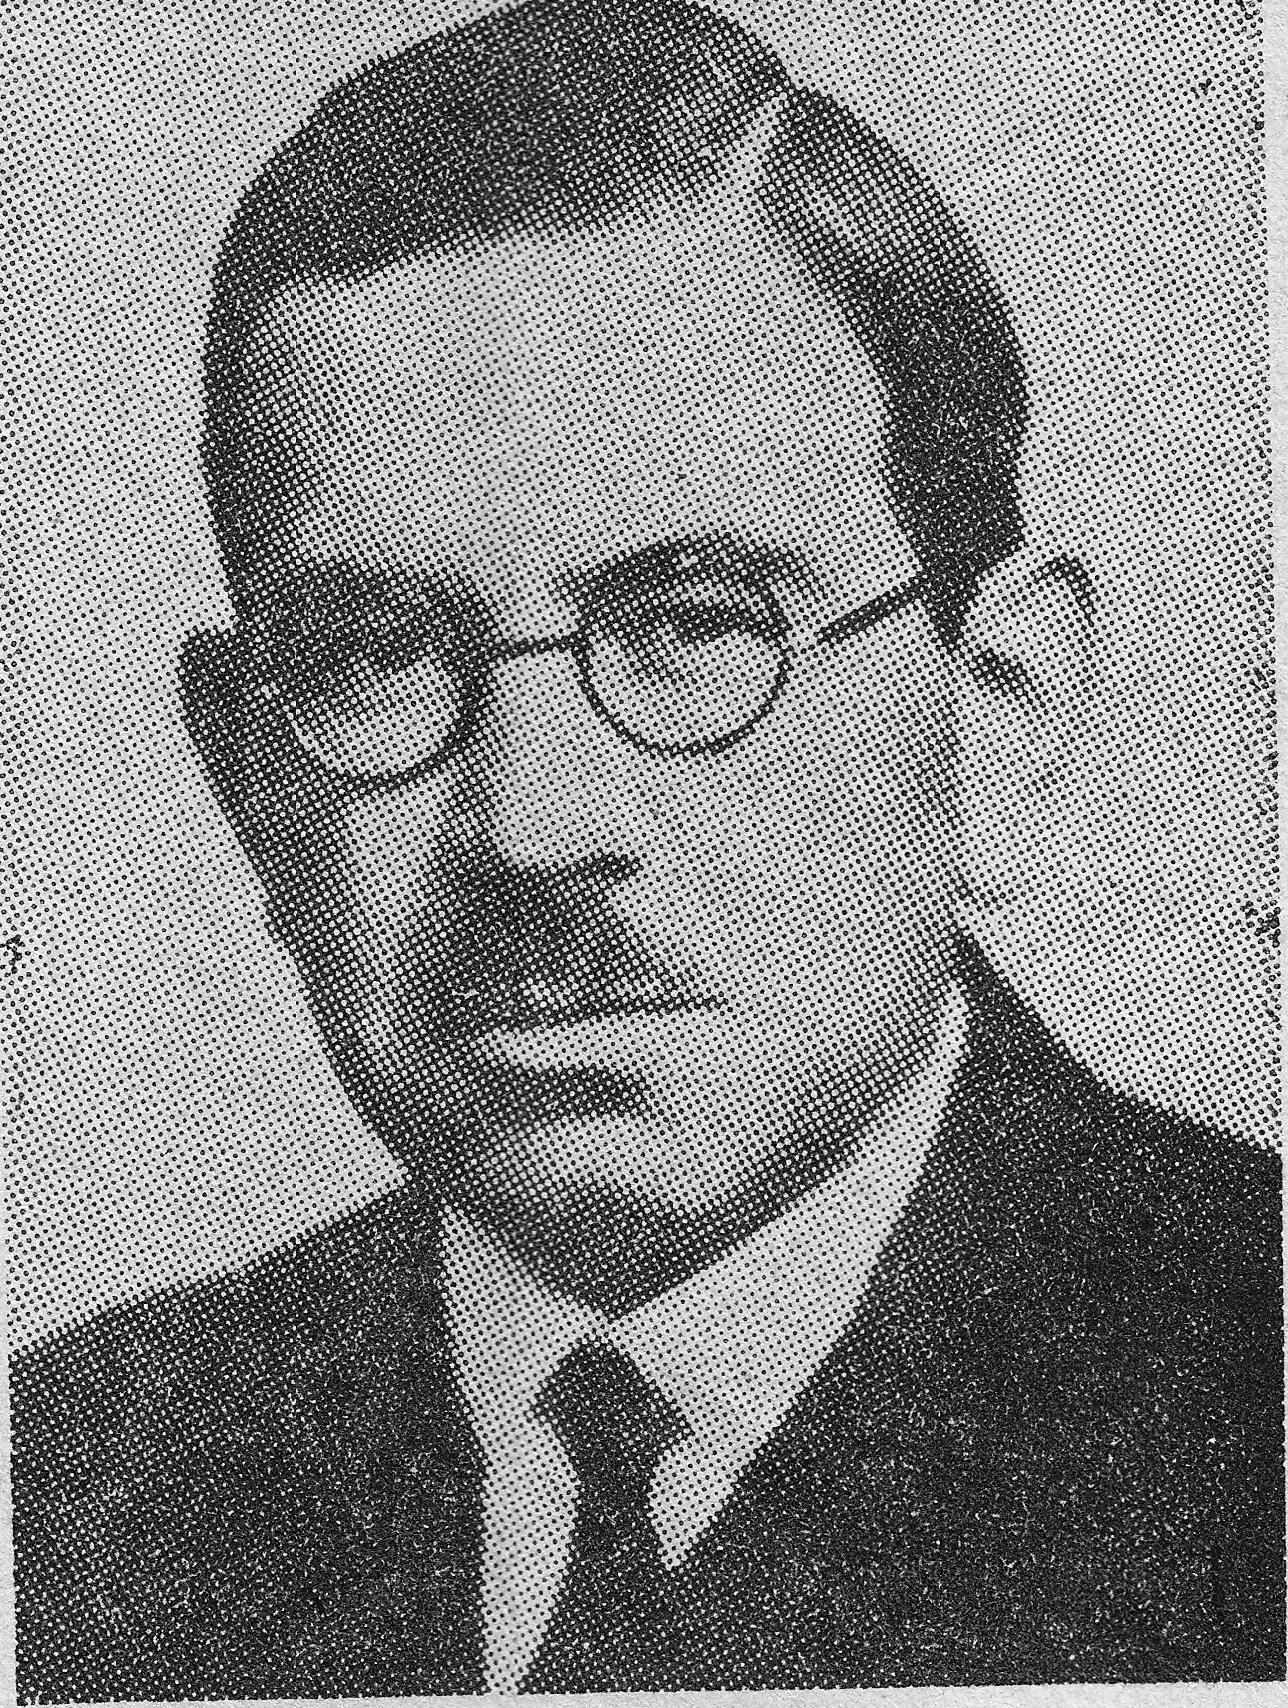 Landshövding Bo Hammarskjöld